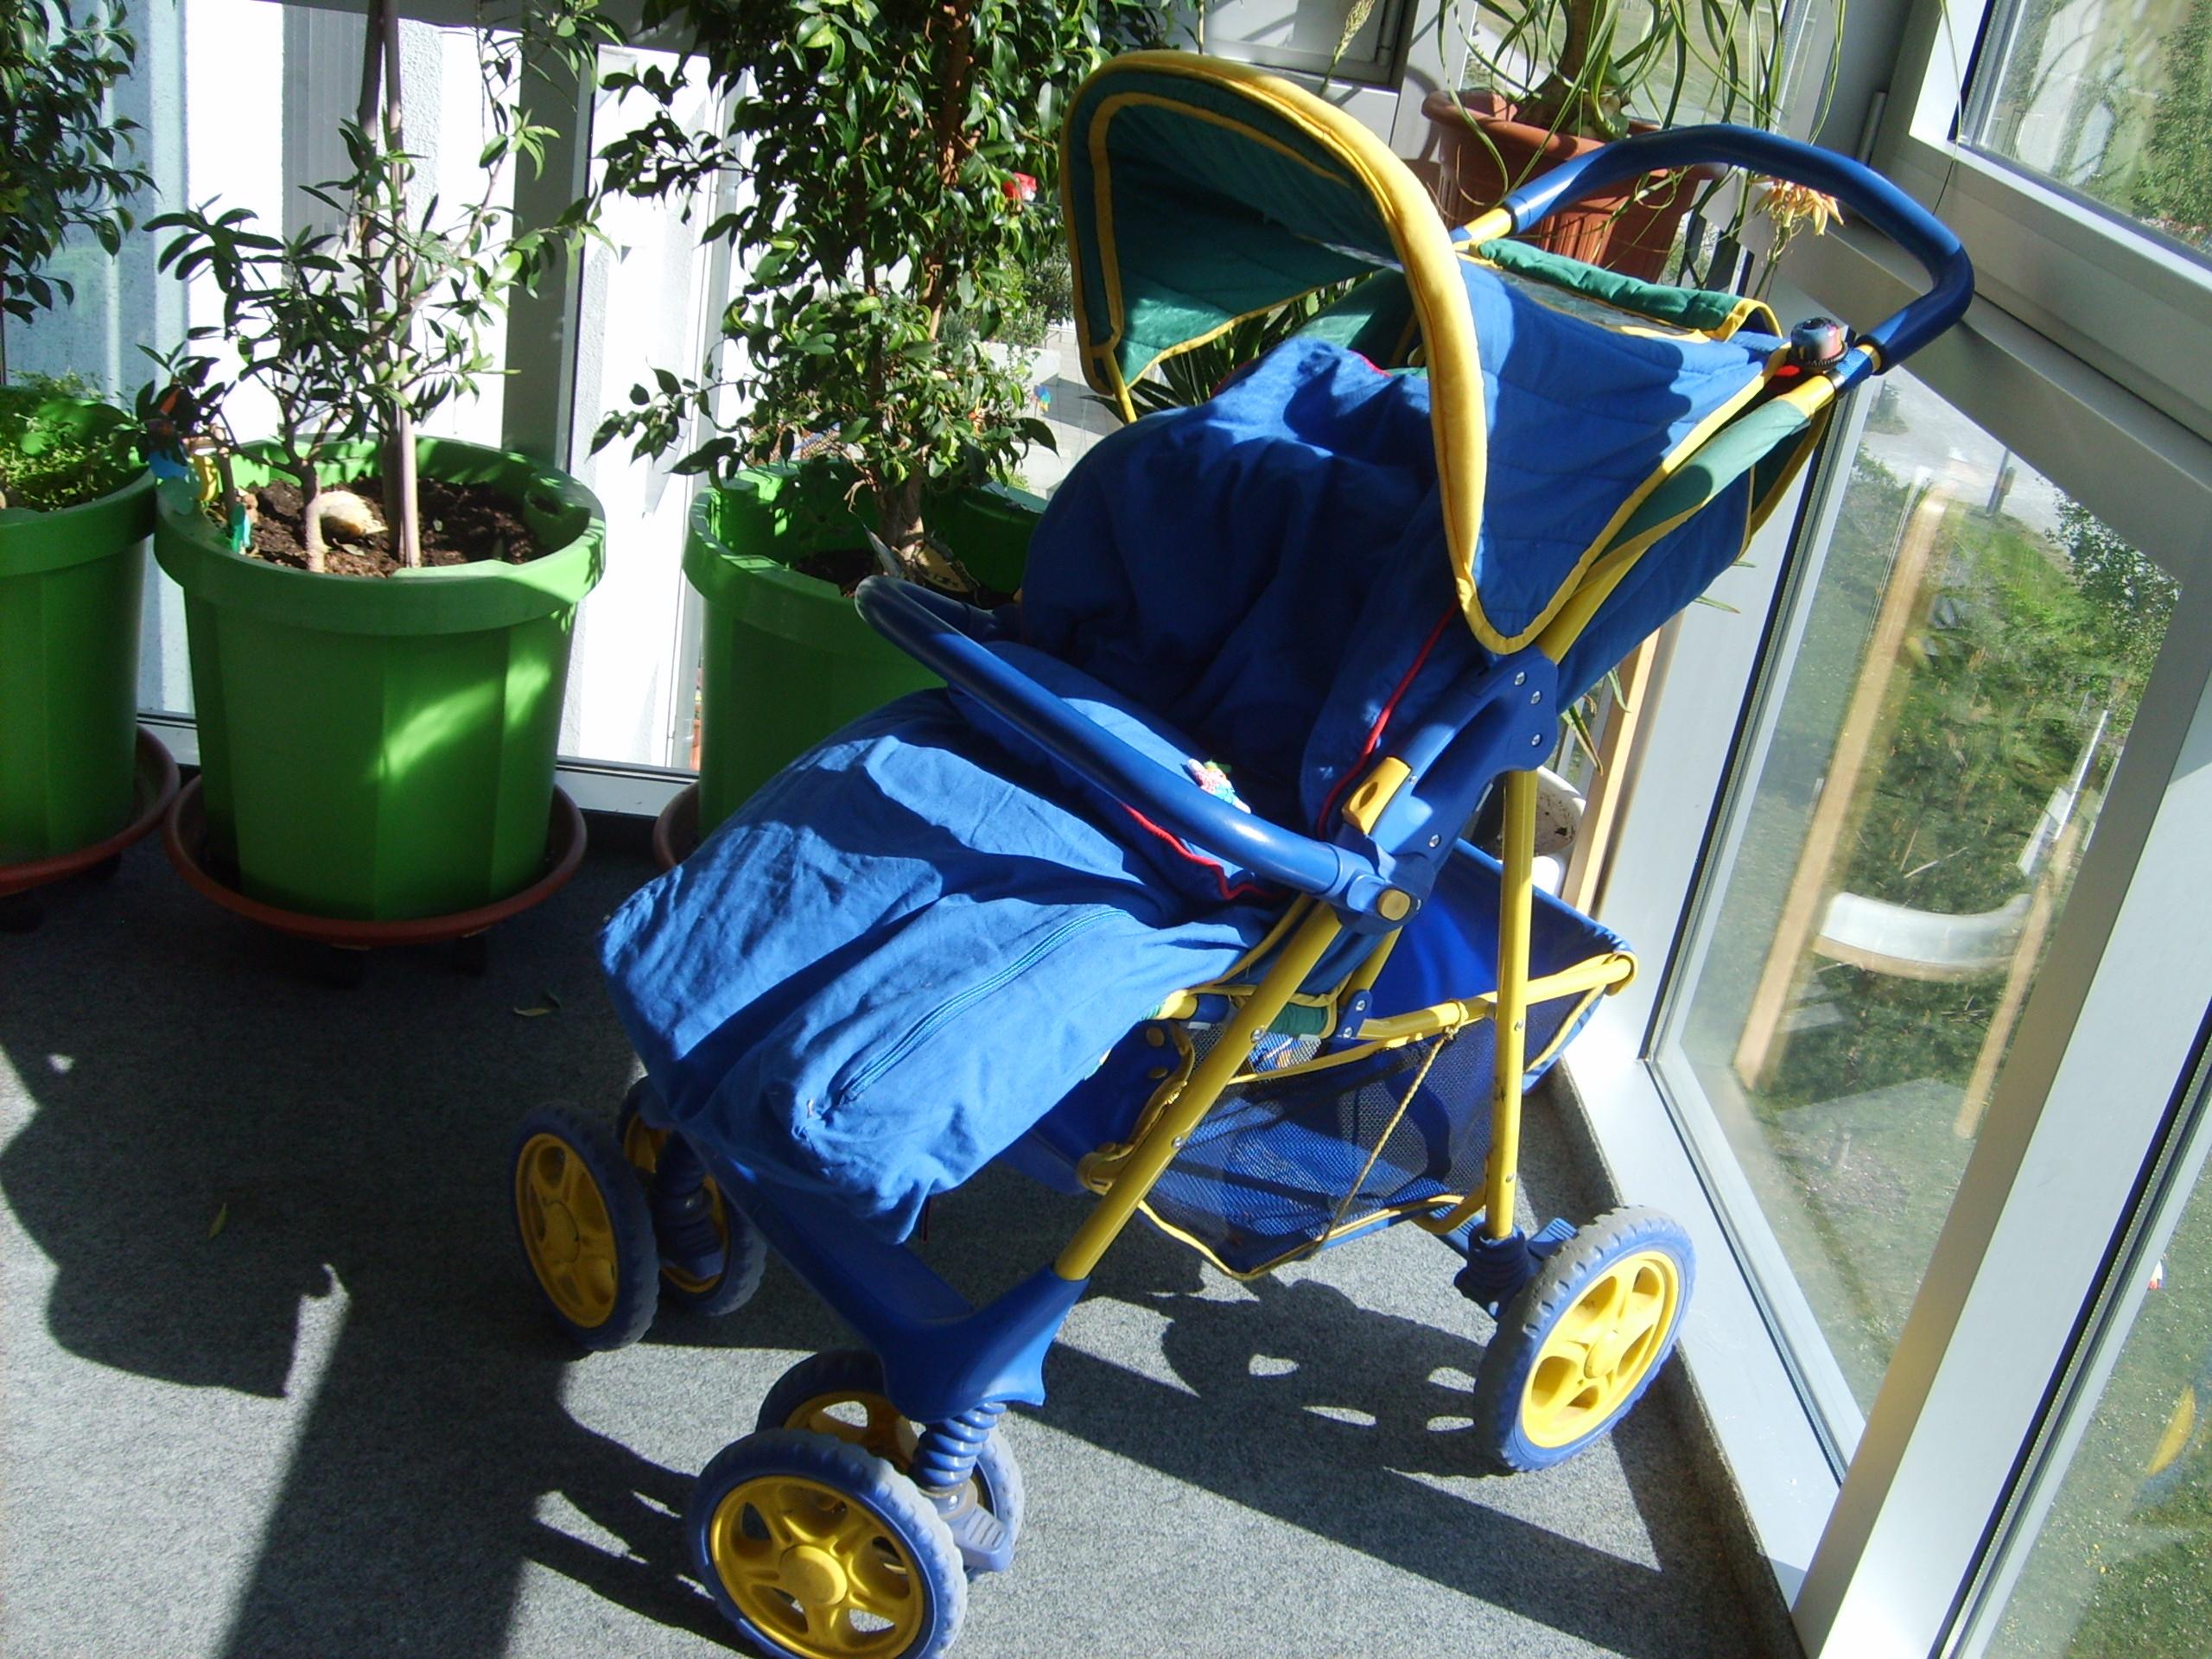 kleinanzeigen kinderwagen seite 3. Black Bedroom Furniture Sets. Home Design Ideas